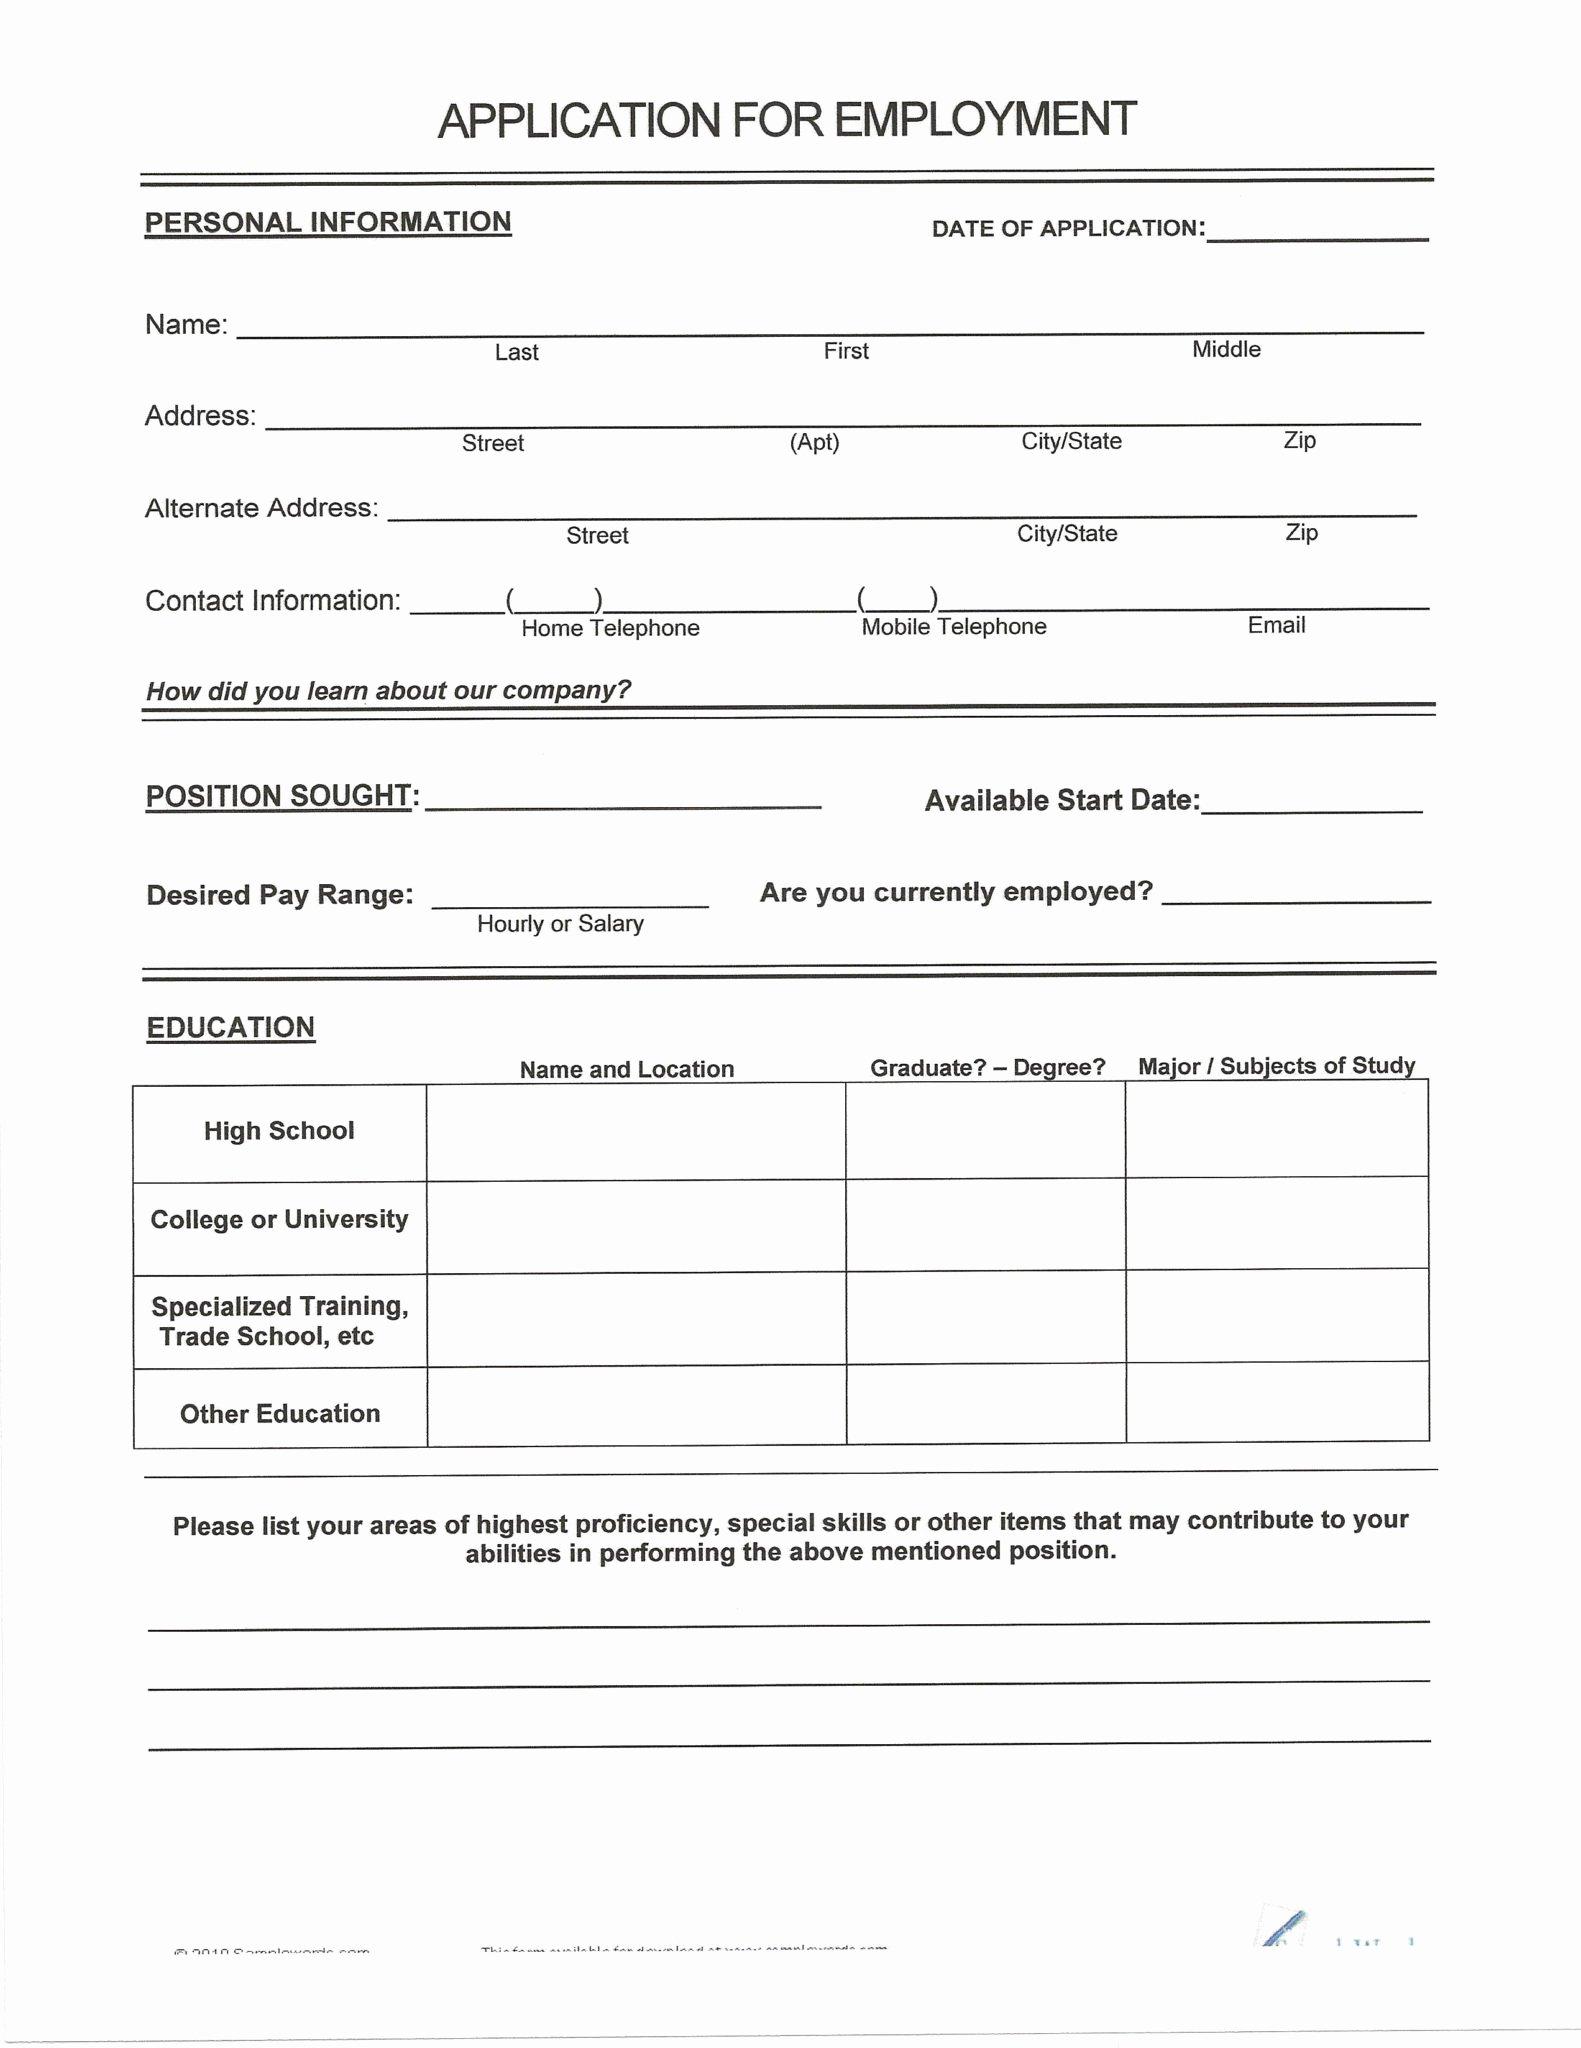 Resume Fill In